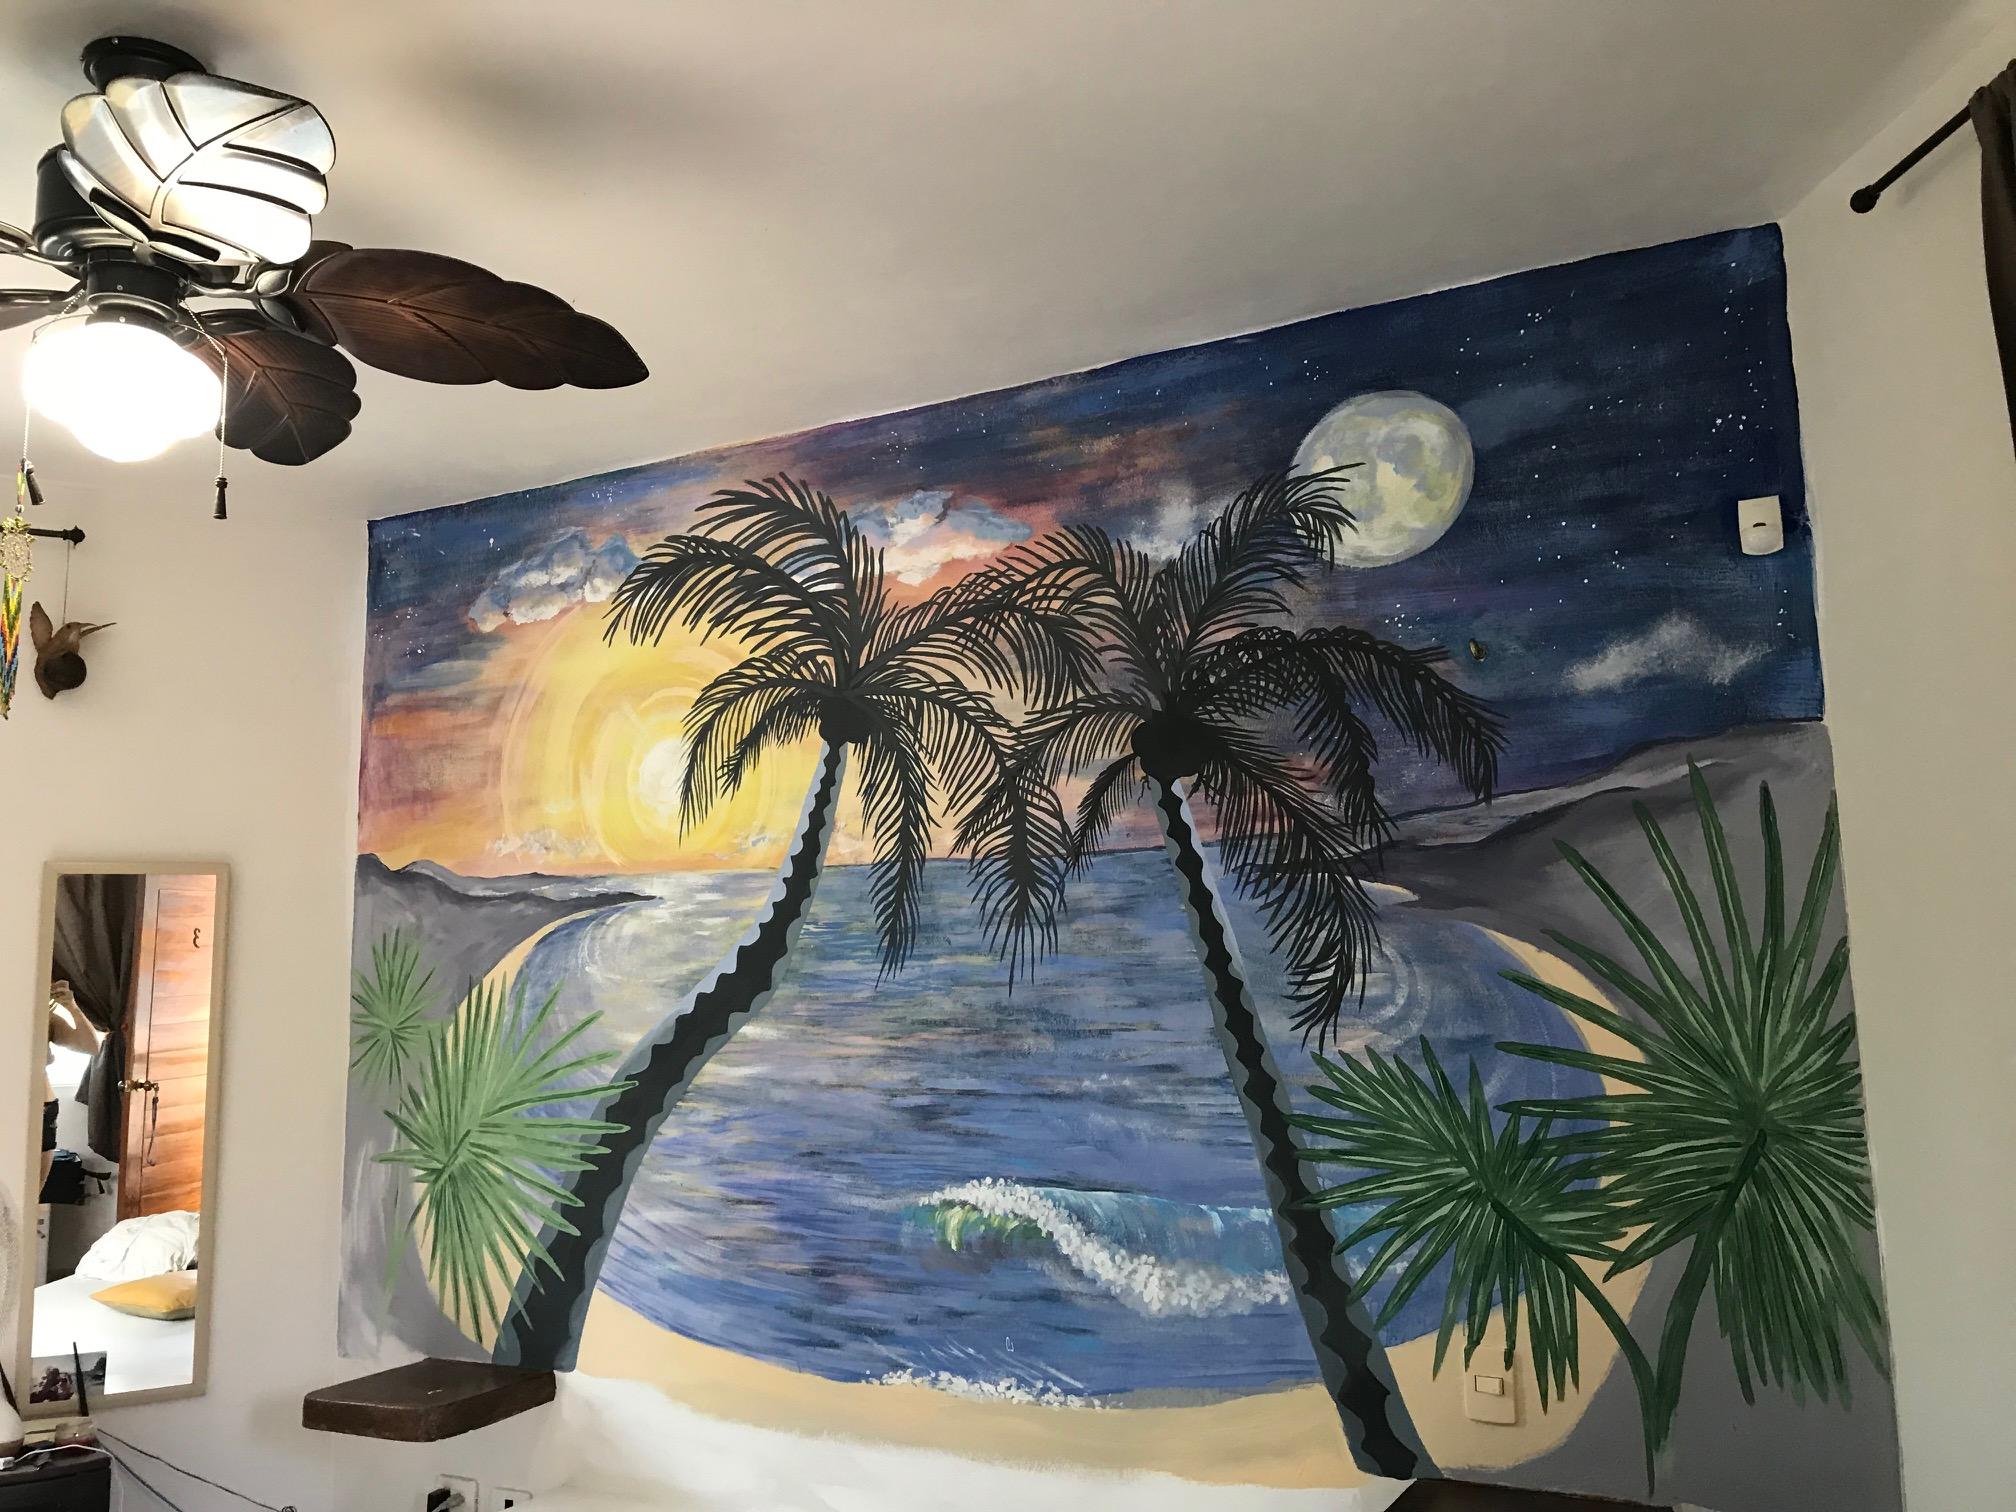 wall mural of a beach setting